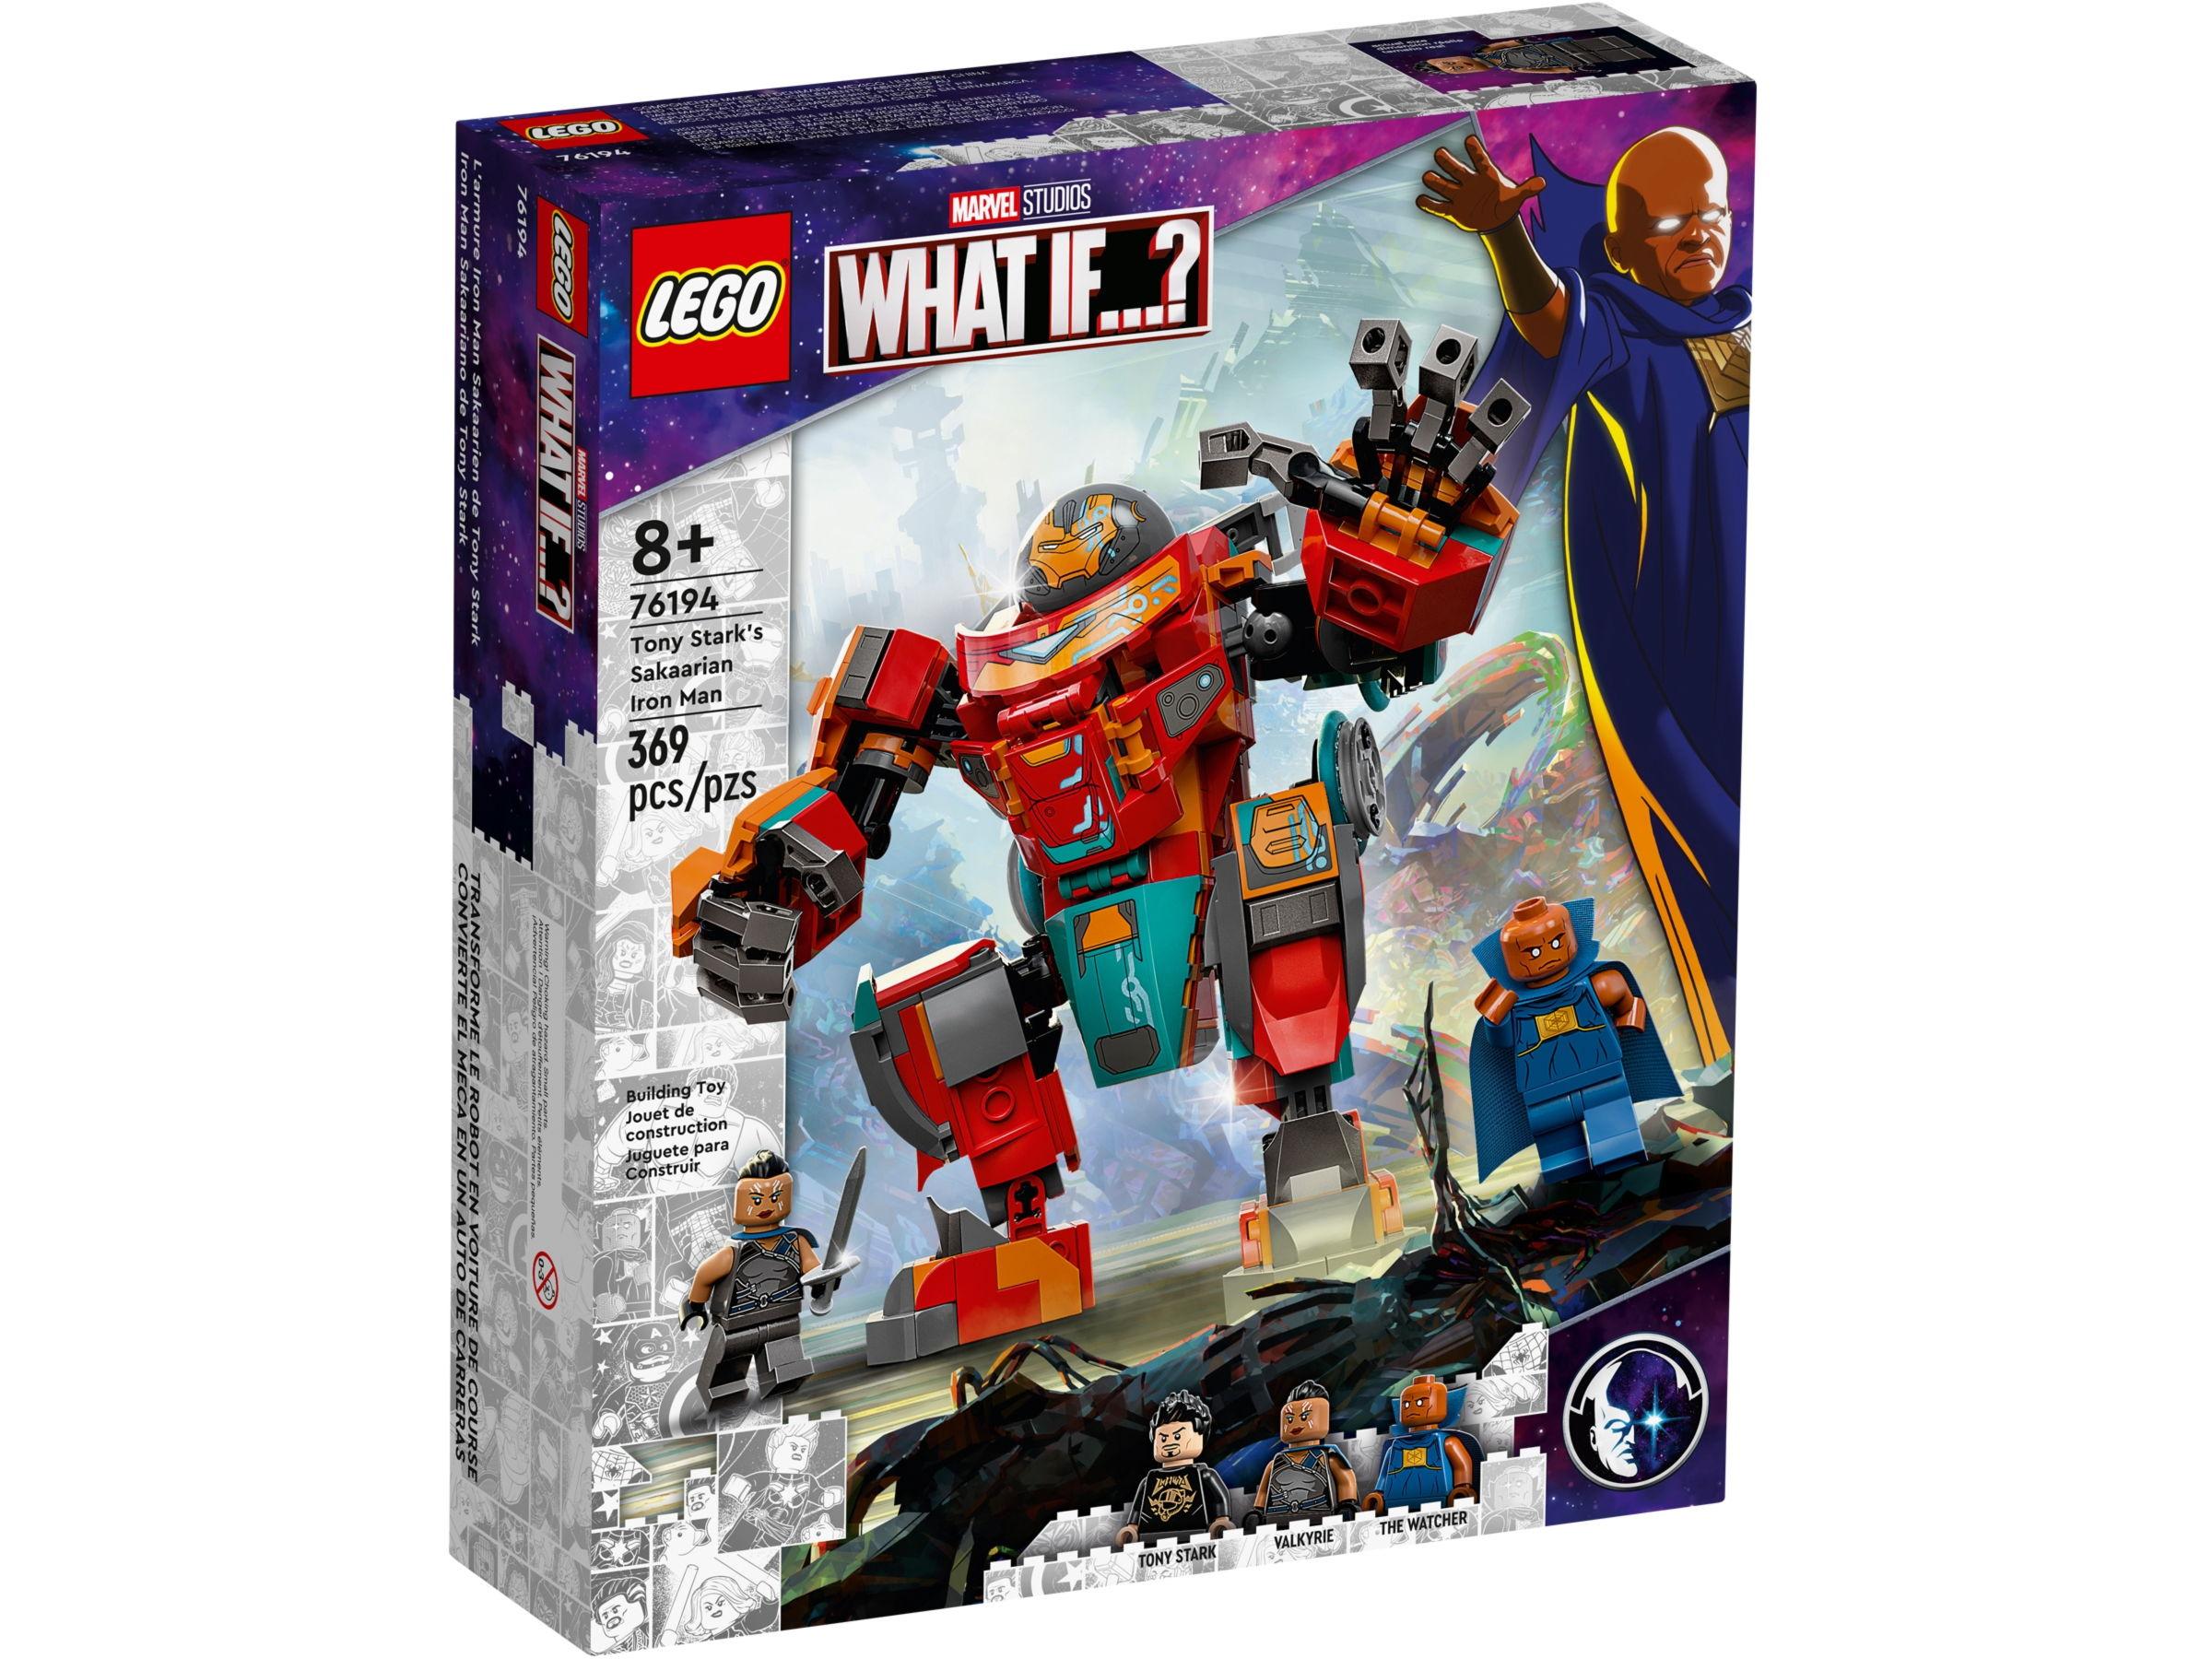 LEGO Star Wars 76194 Tony Stark's Sakaarian Iron Man